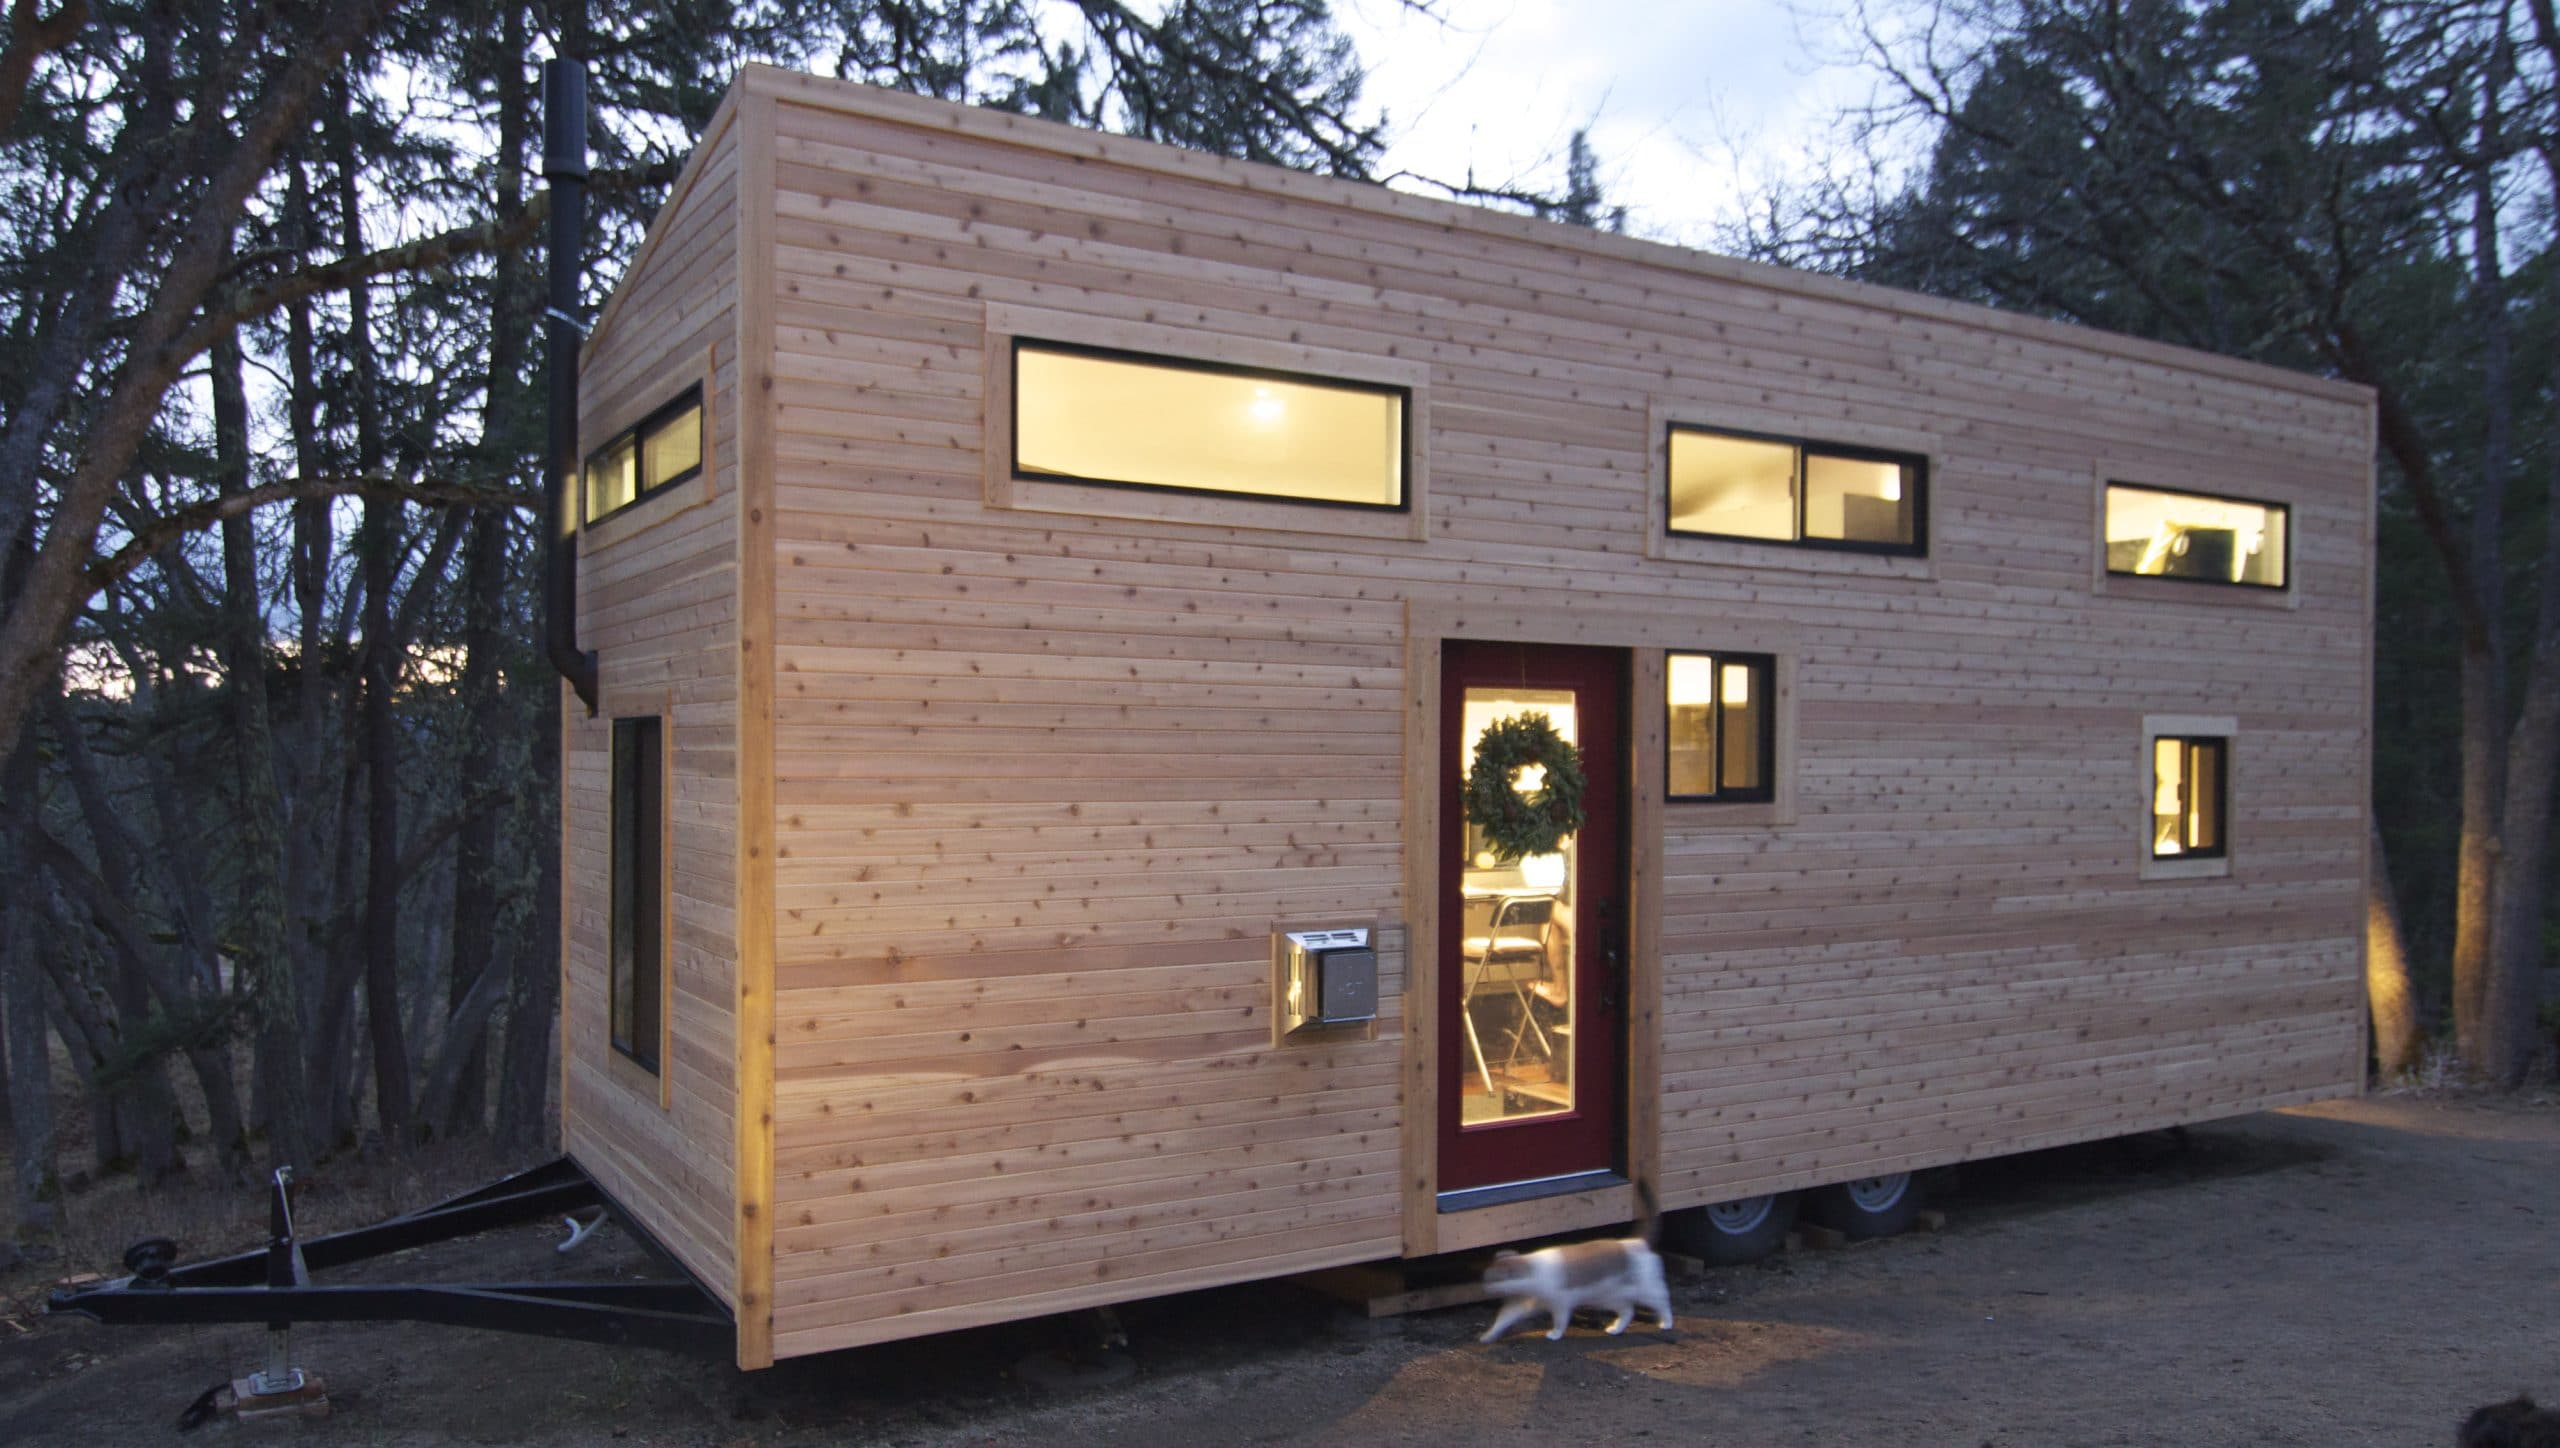 Dise o de casa muy peque a optimizando espacios - Casa pequena de madera ...